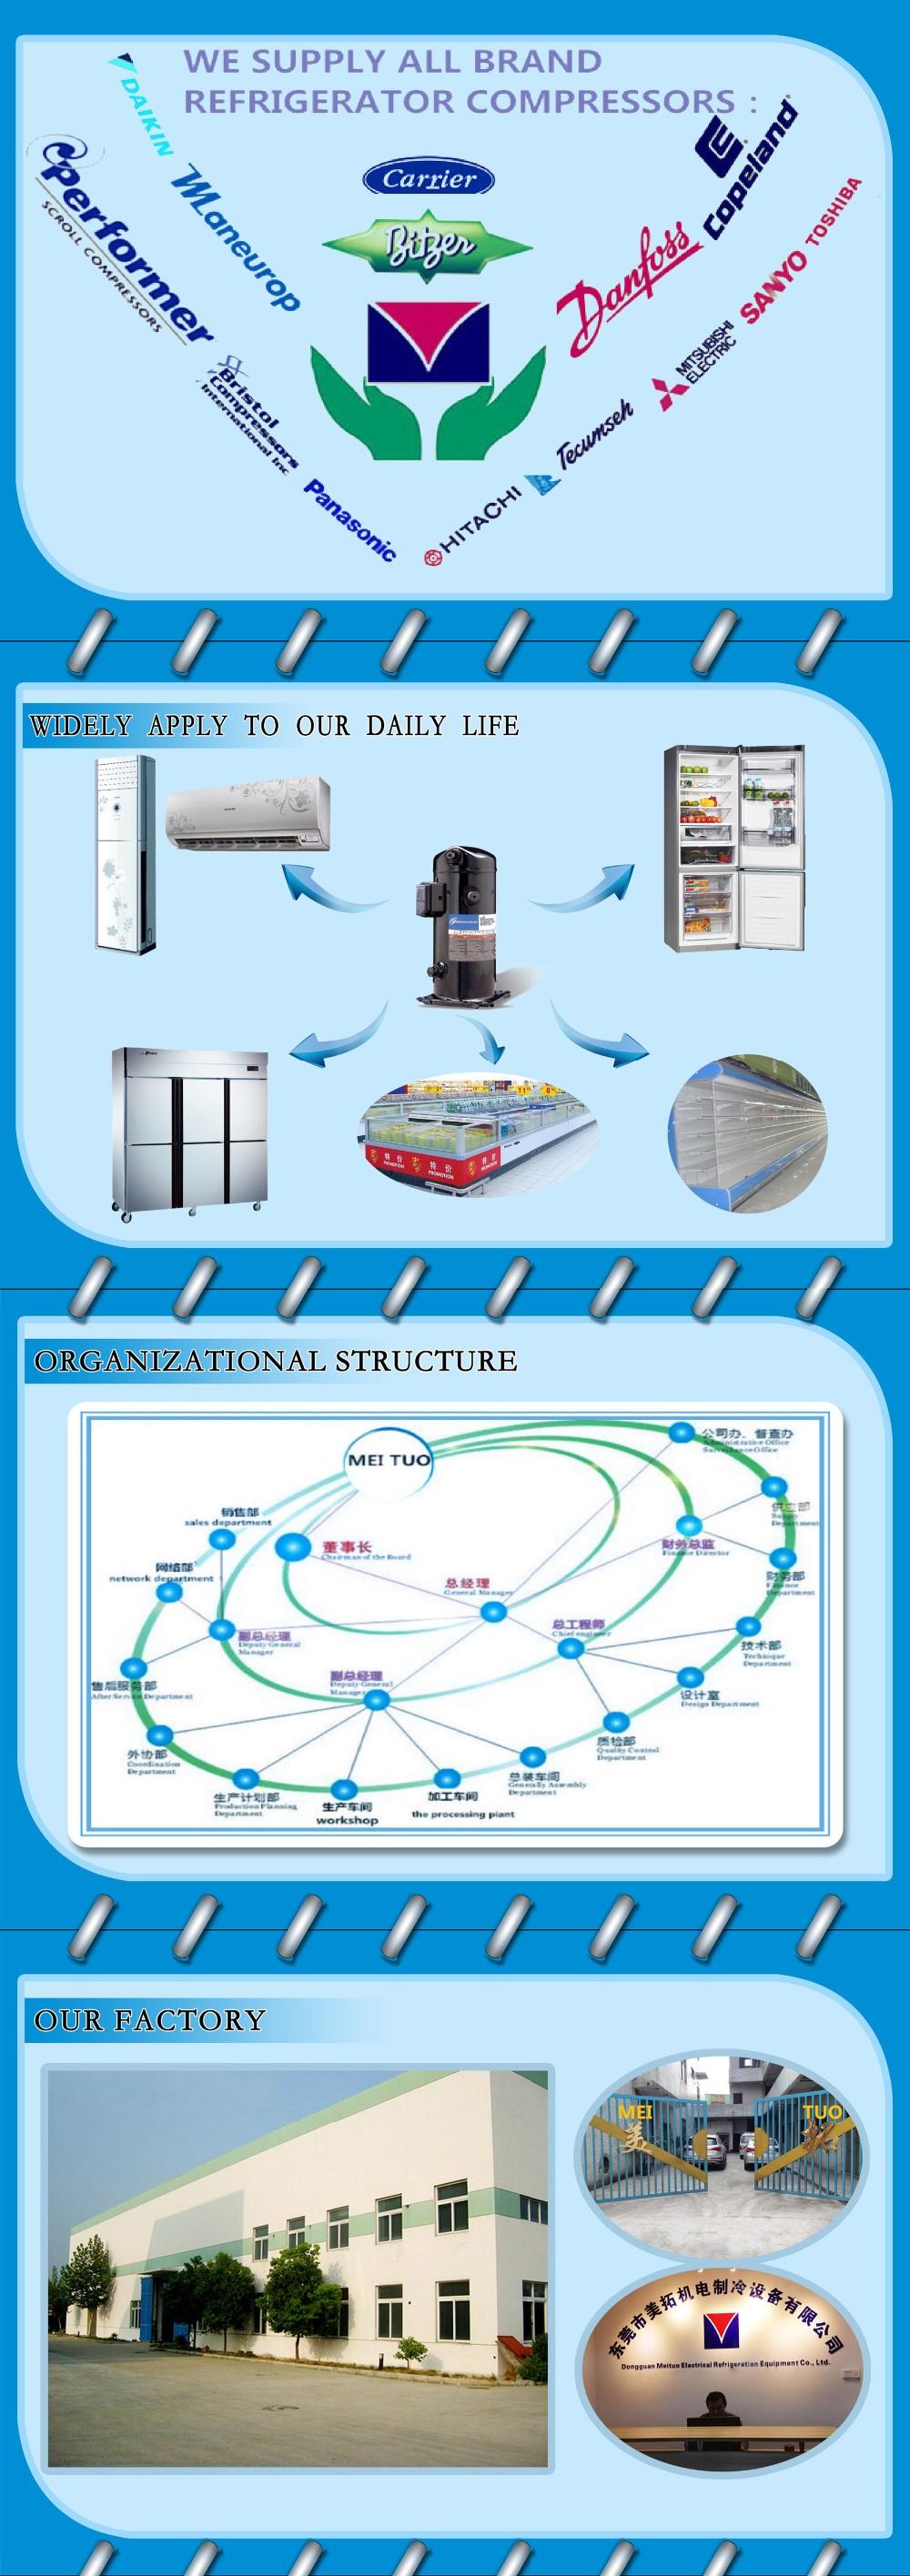 matsushita compressor for refrigerator panasonic compressor matsushita compressor for refrigerator panasonic compressor catalog inverter panasonic compressor